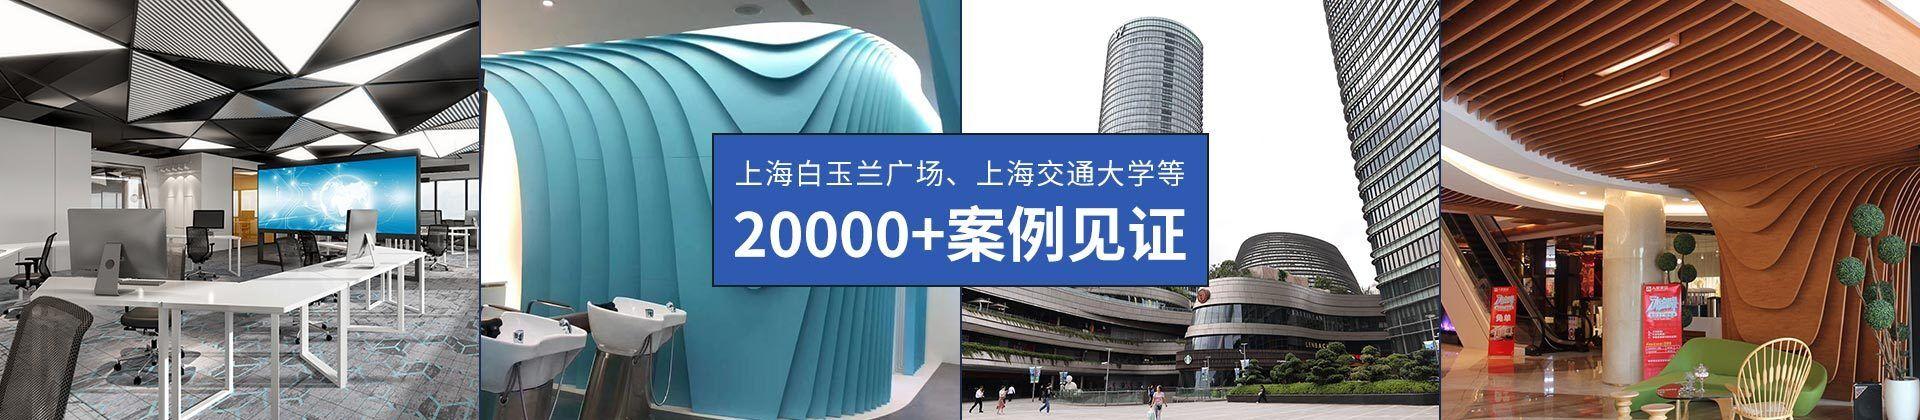 中沪万博manbetx官网手机版登陆20000+案例见证